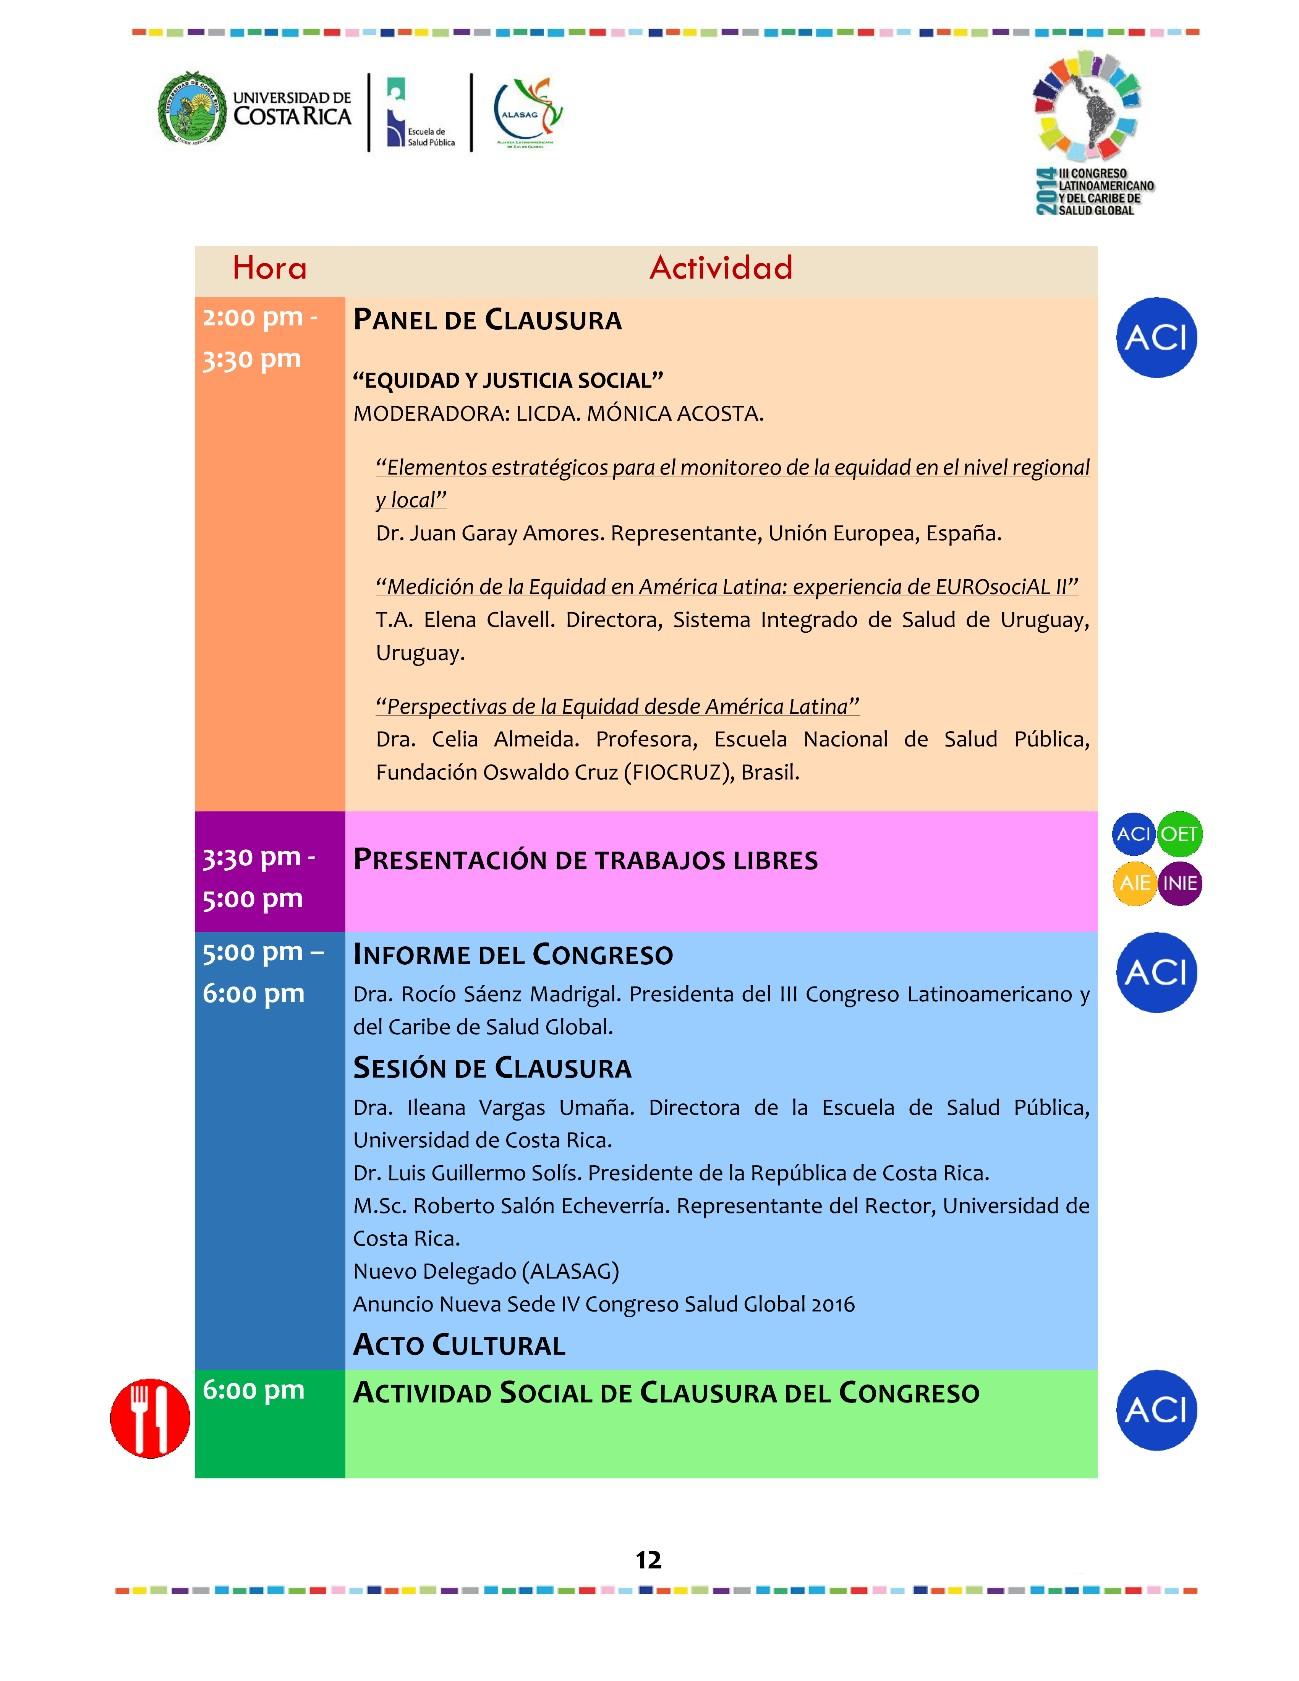 Calendario 2019 Bolivia En Excel Más Recientemente Liberado Universidad De Costa Rica Facultad De Medicina Escuela De Salud Of Calendario 2019 Bolivia En Excel Más Caliente Calaméo Una Excelente Oportunidad Para Conocer Programas Y